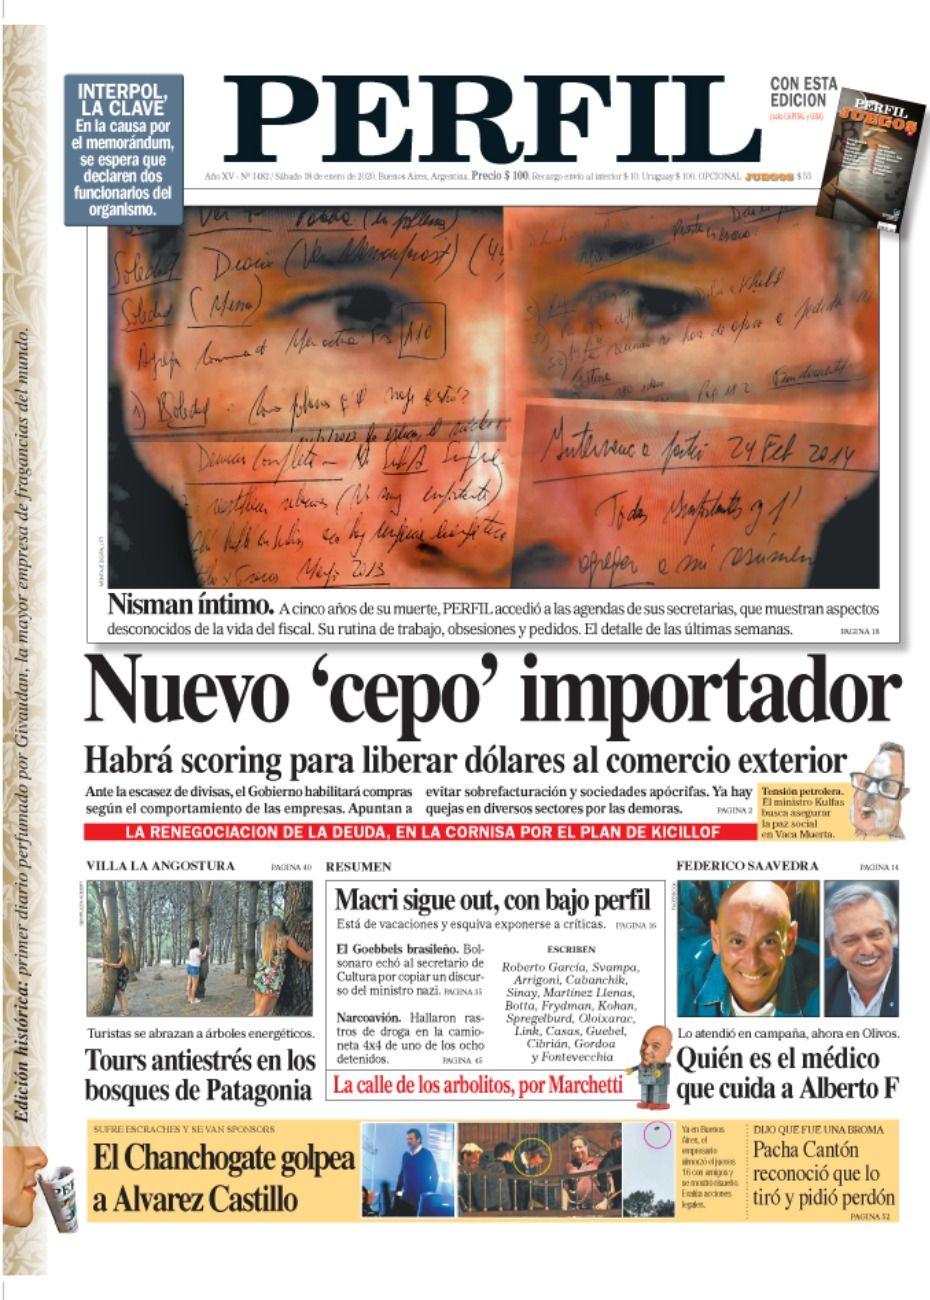 La tapa de Diario PERFIL del sábado 18 de enero 2020.